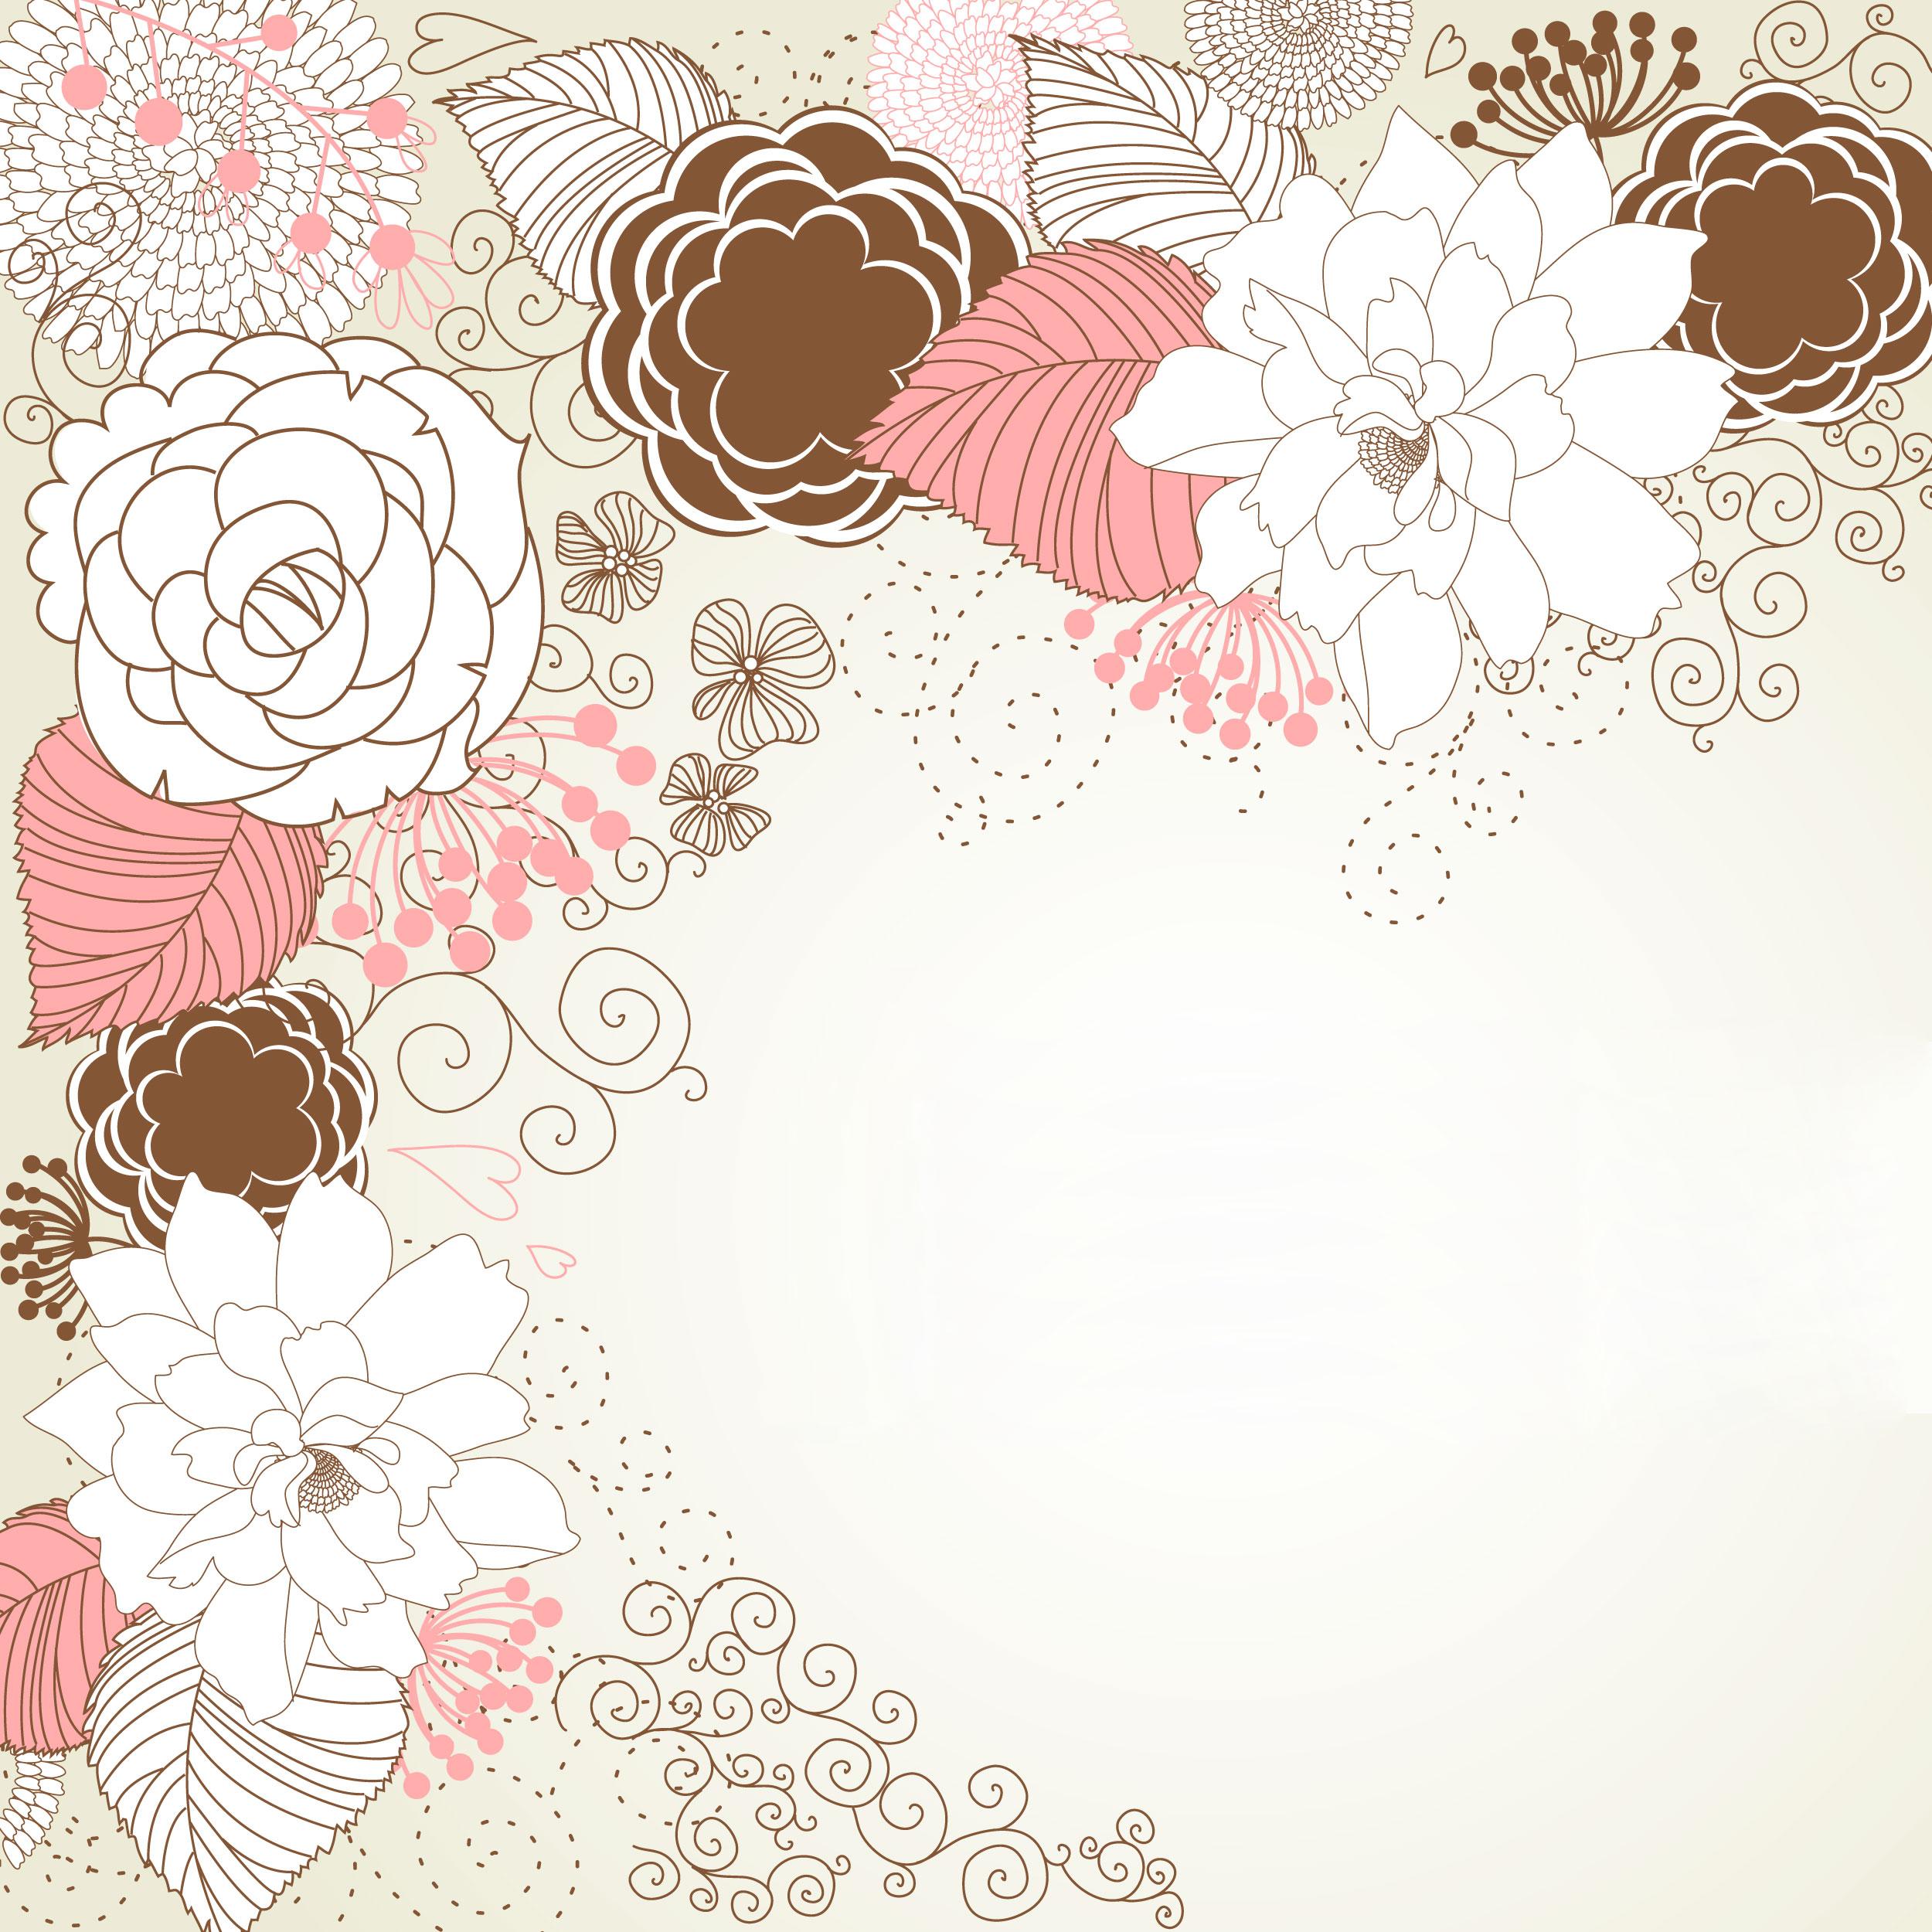 花のイラスト・フリー素材/壁紙・背景no.137『赤白黒・細線・ポップ』